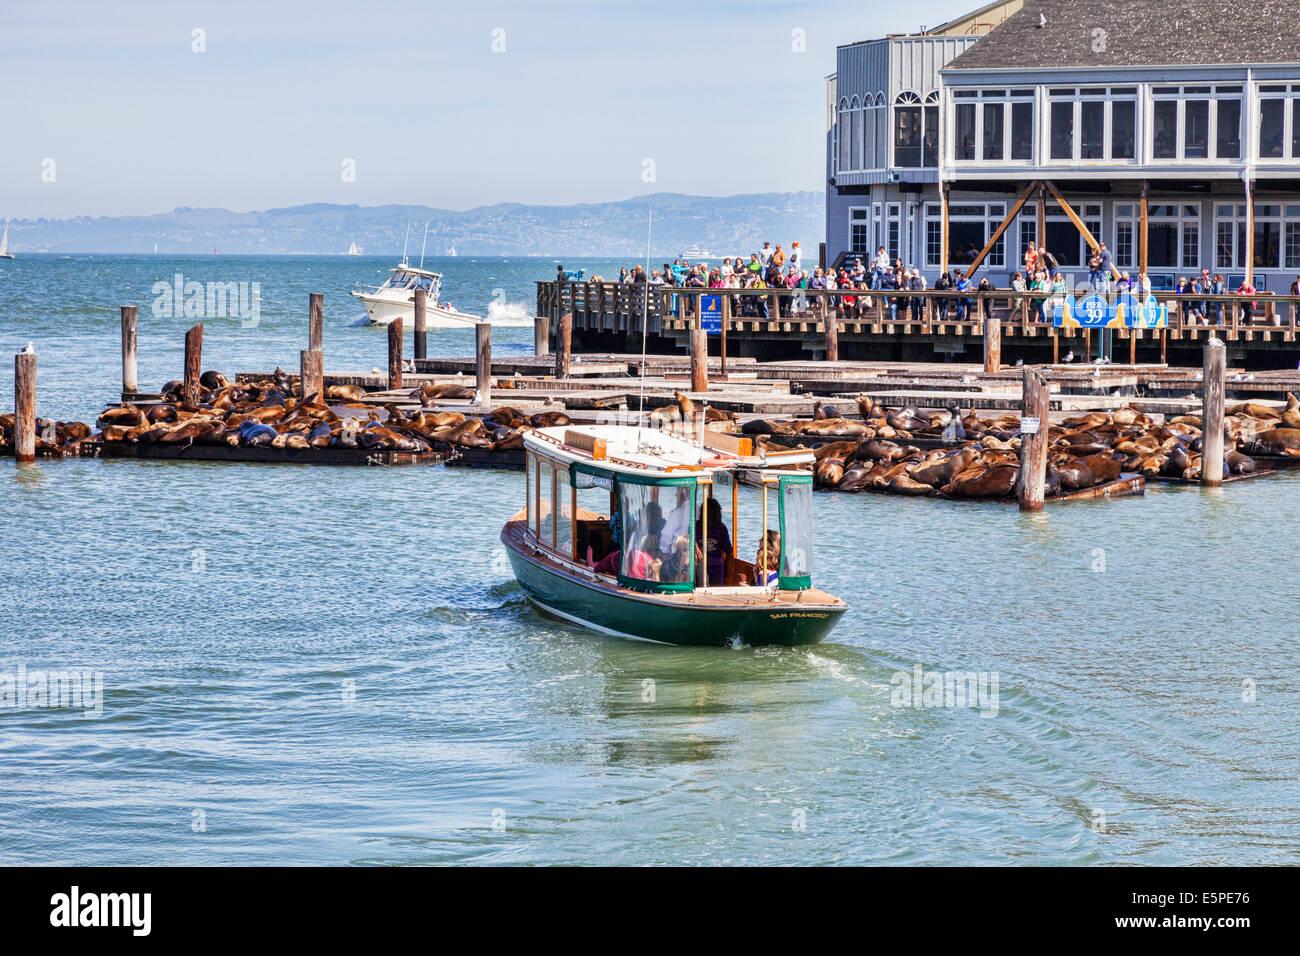 Massen von Touristen versammeln, um die berühmten Seelöwen am Pier 39 in San Francisco anzeigen. Stockbild